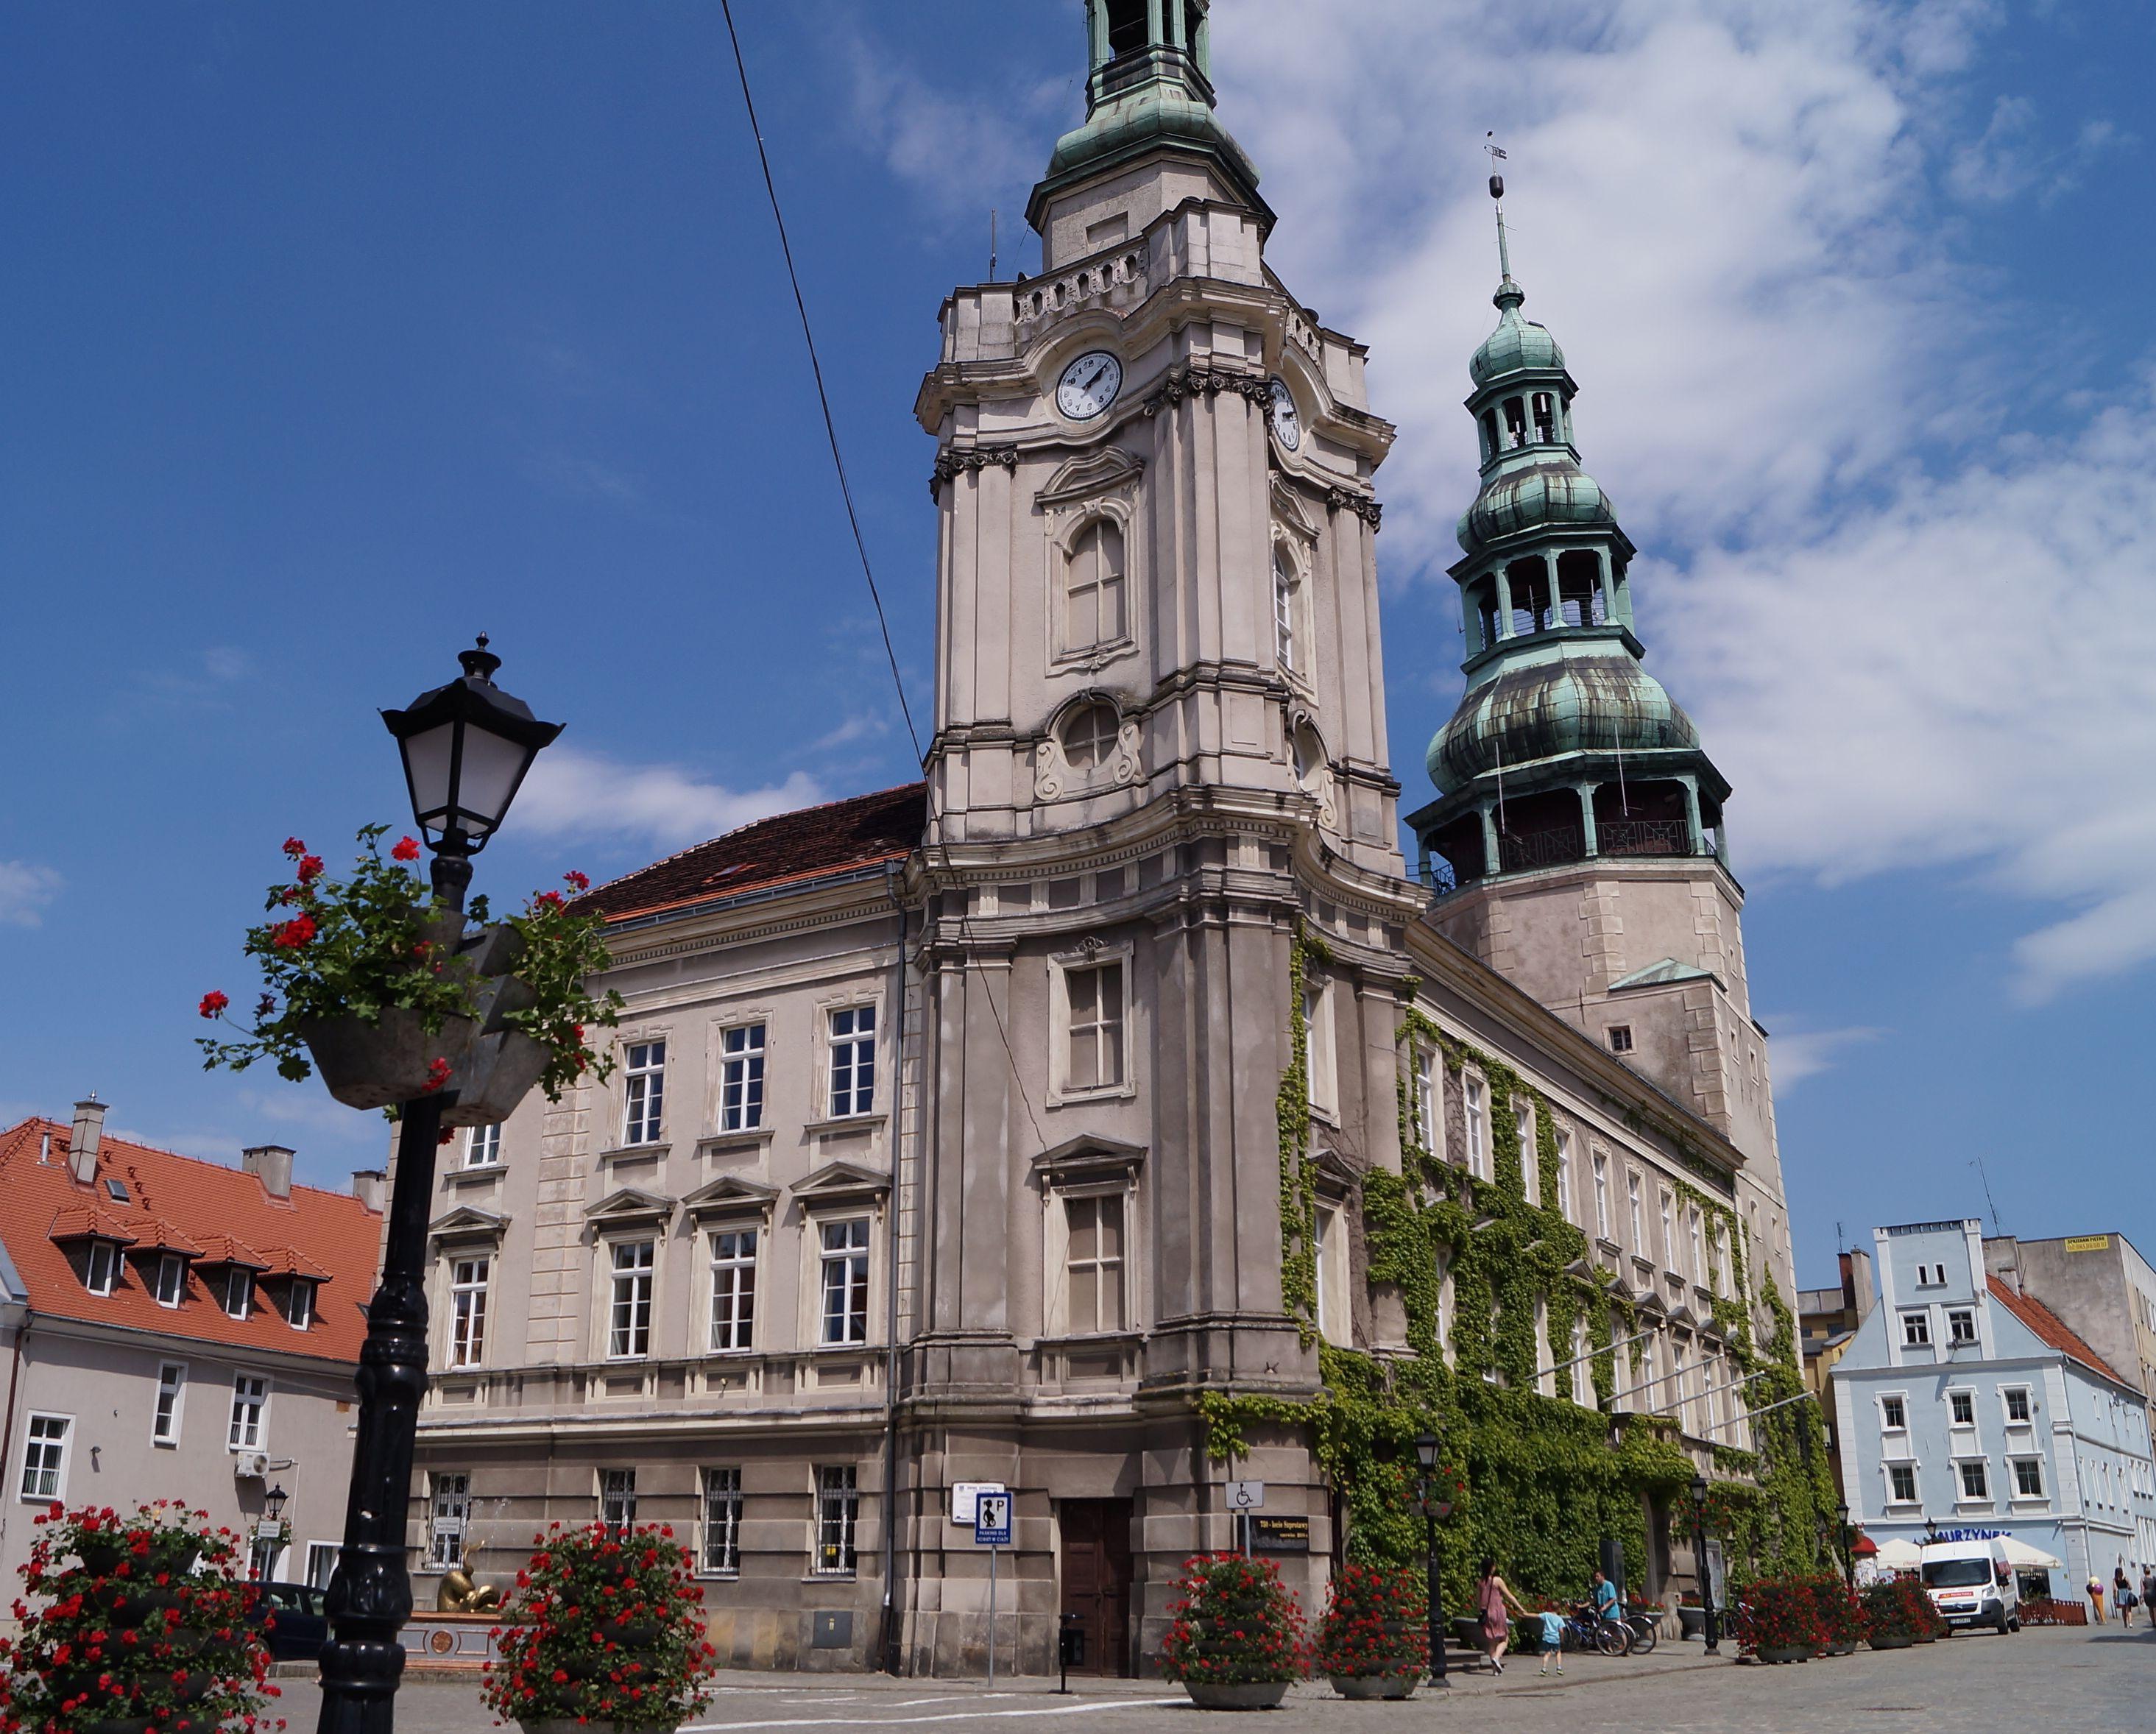 Zdjęcie obiektu turystycznego: Ratusz w Szprotawie